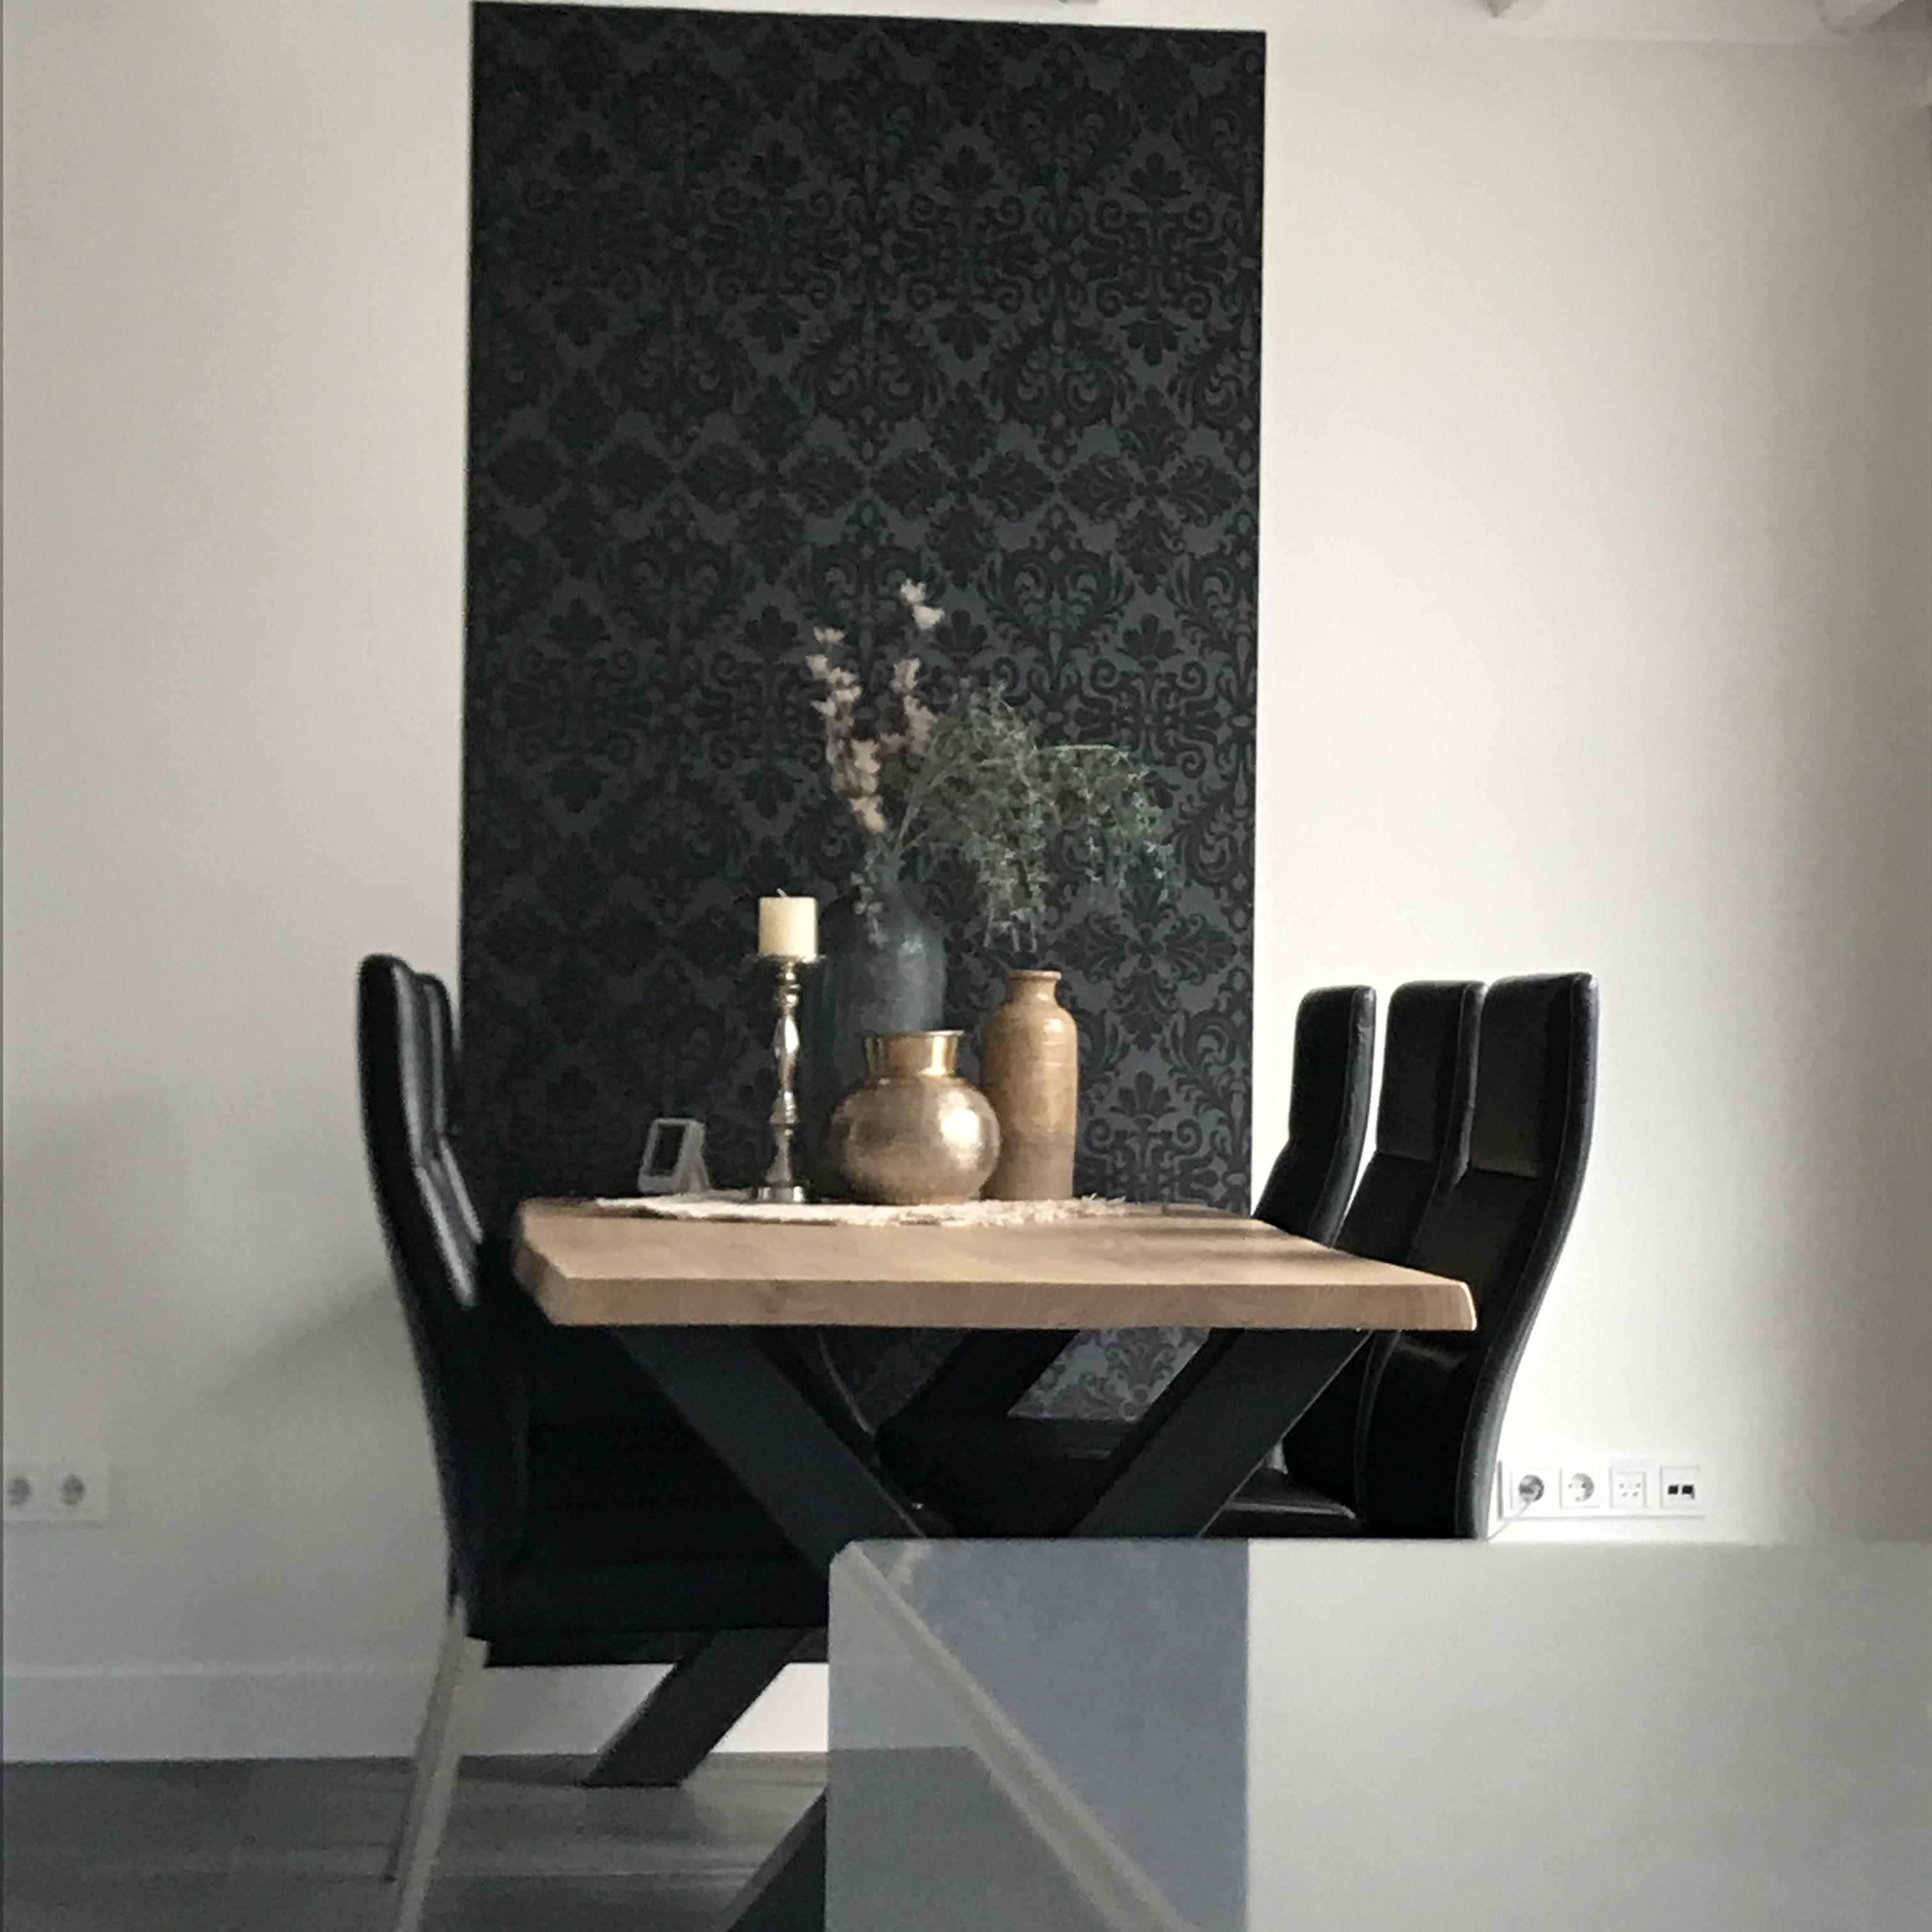 Roozen Interieur Visie Strook Velvet Antraciet Behang Eiken Hout Metaal Set Accessoires Woonshoppen Thuisdecoratie Interieur Decoraties